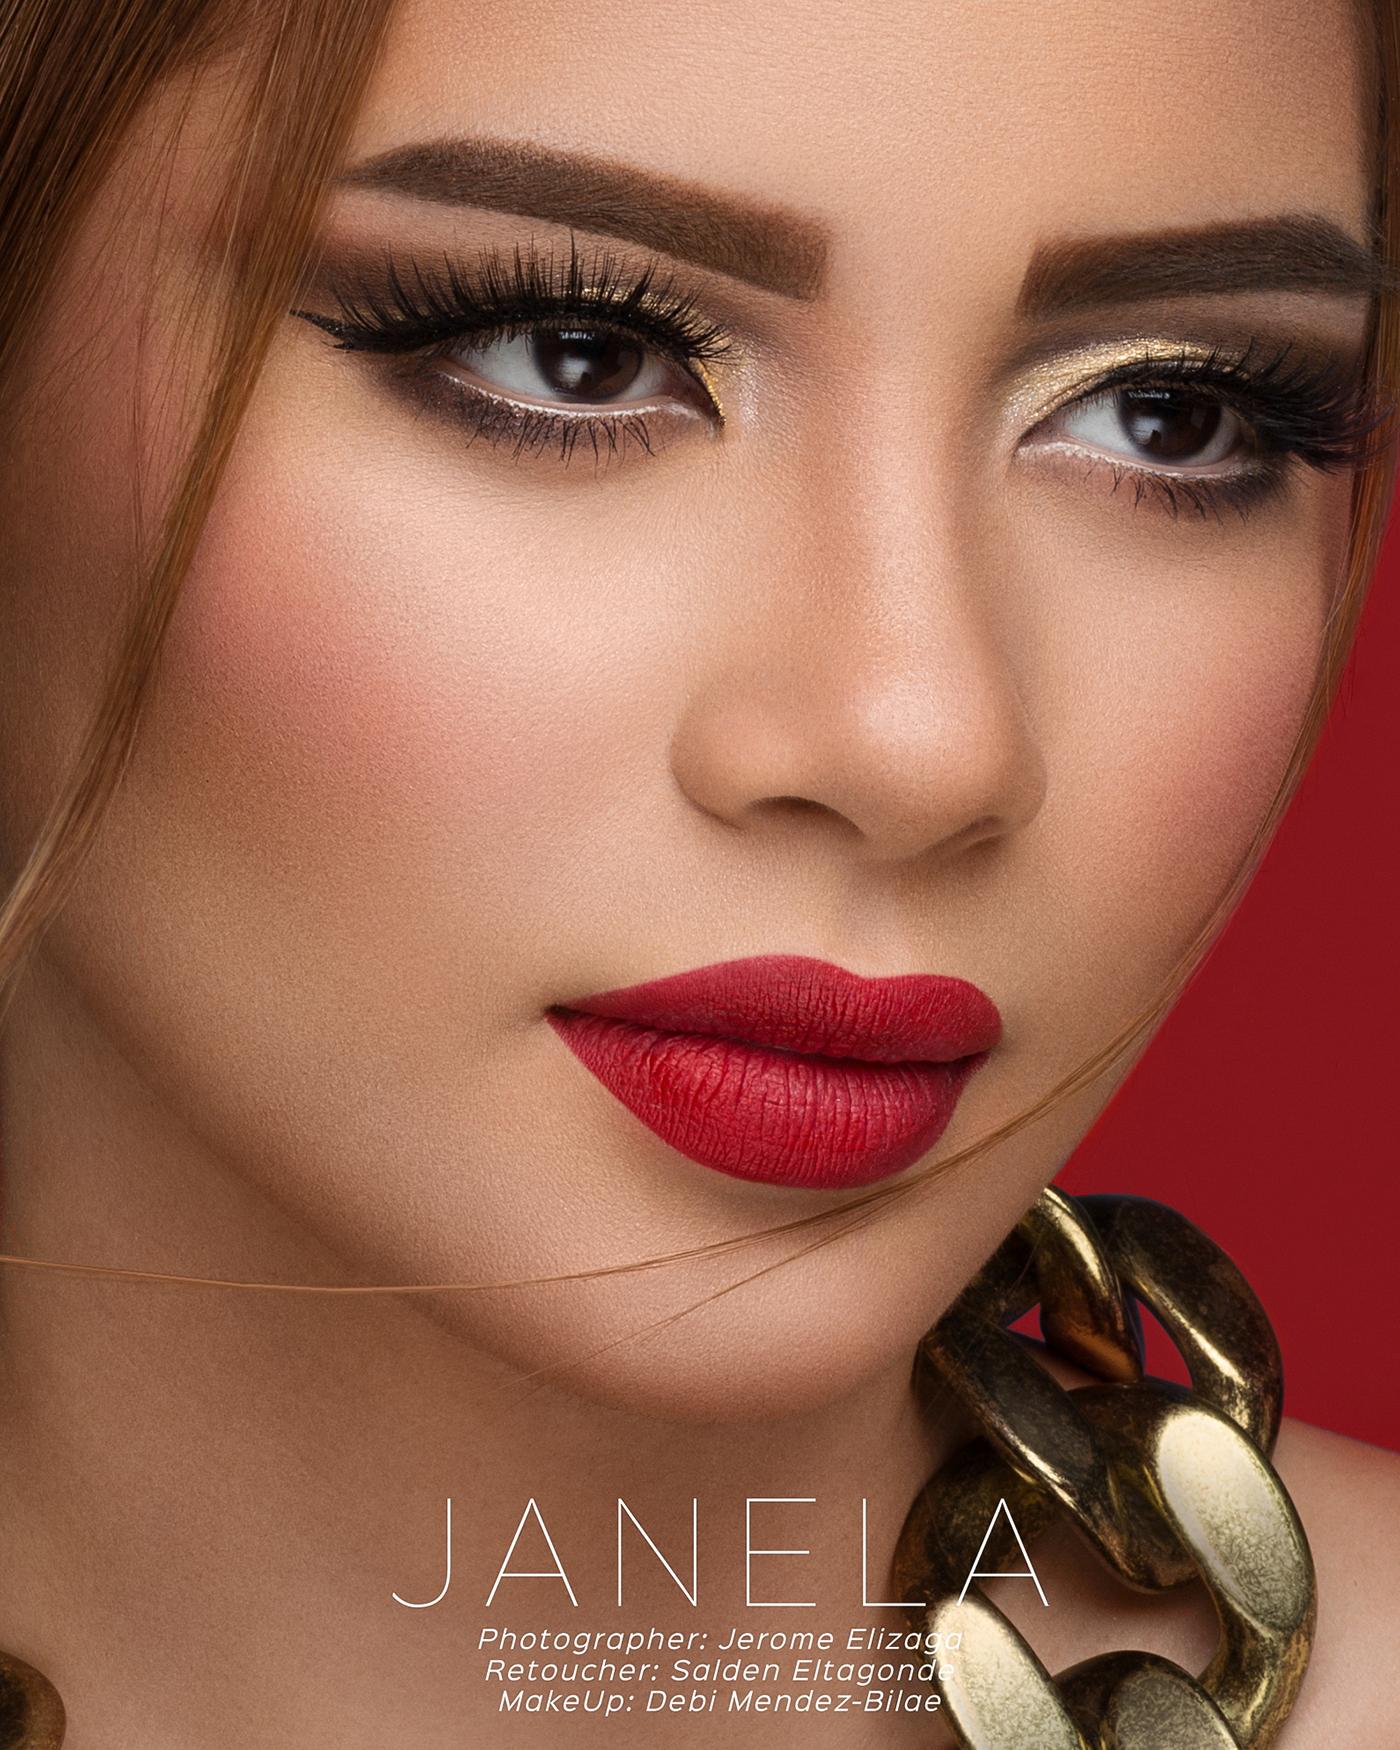 JANELA x MAGCLOUD Magazine on Behance